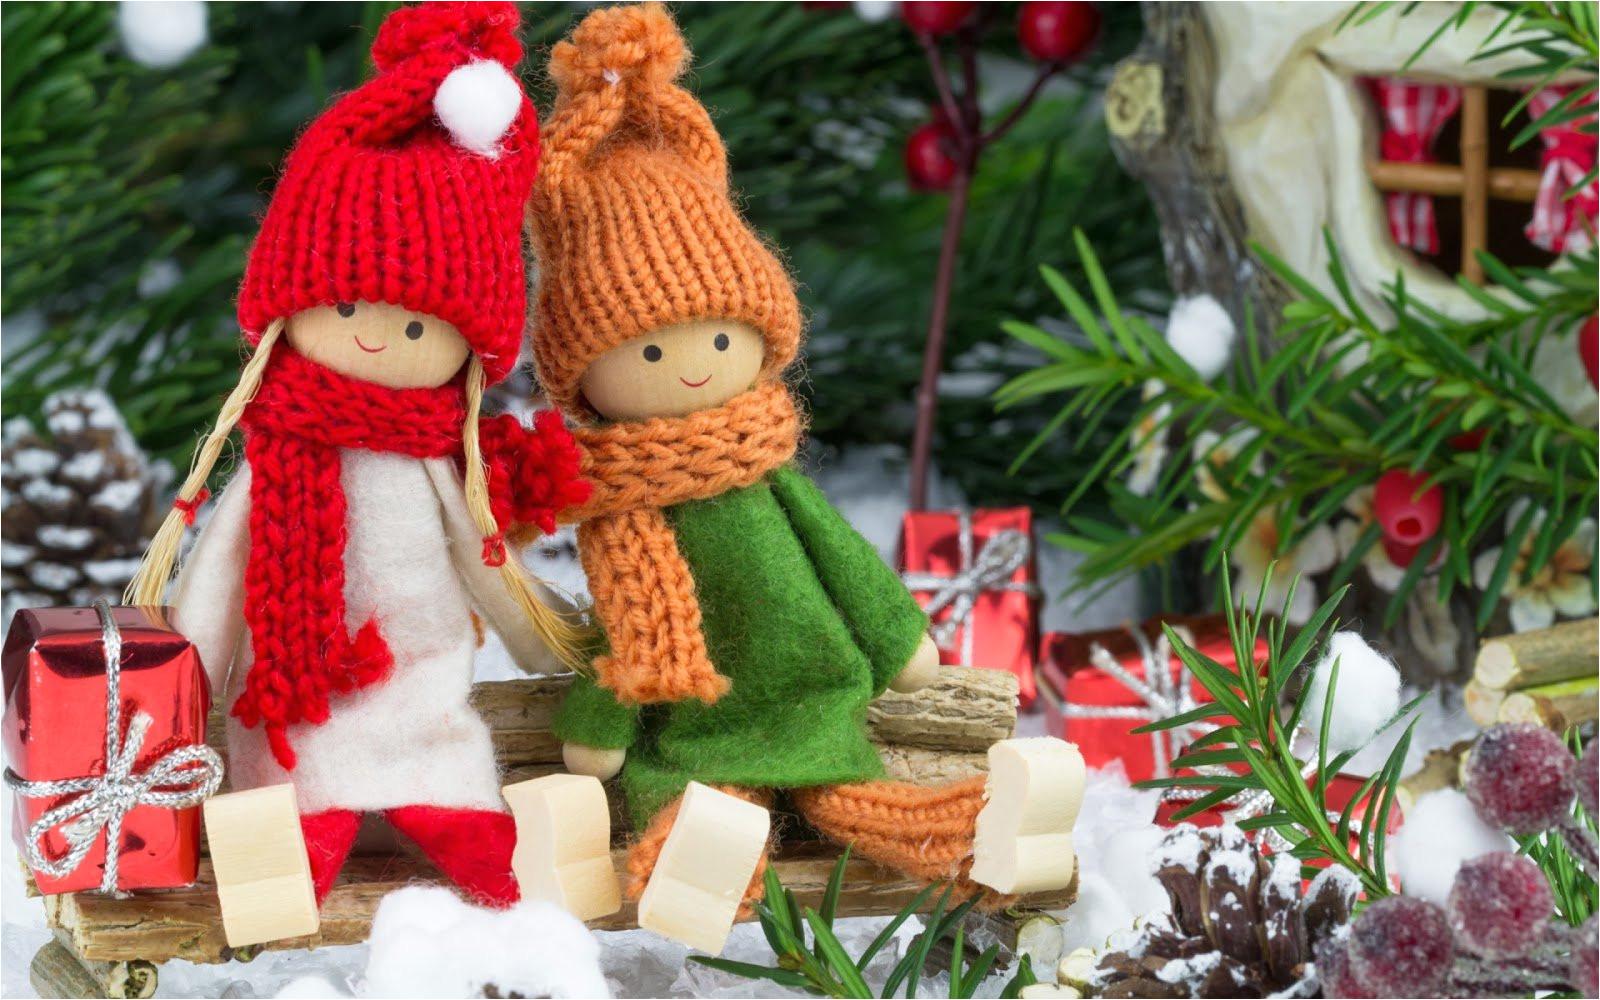 ventajas de la navidad actitud positiva vacaciones reuniones familiares comidas grupales regalos deseos navidenos marisco programacion